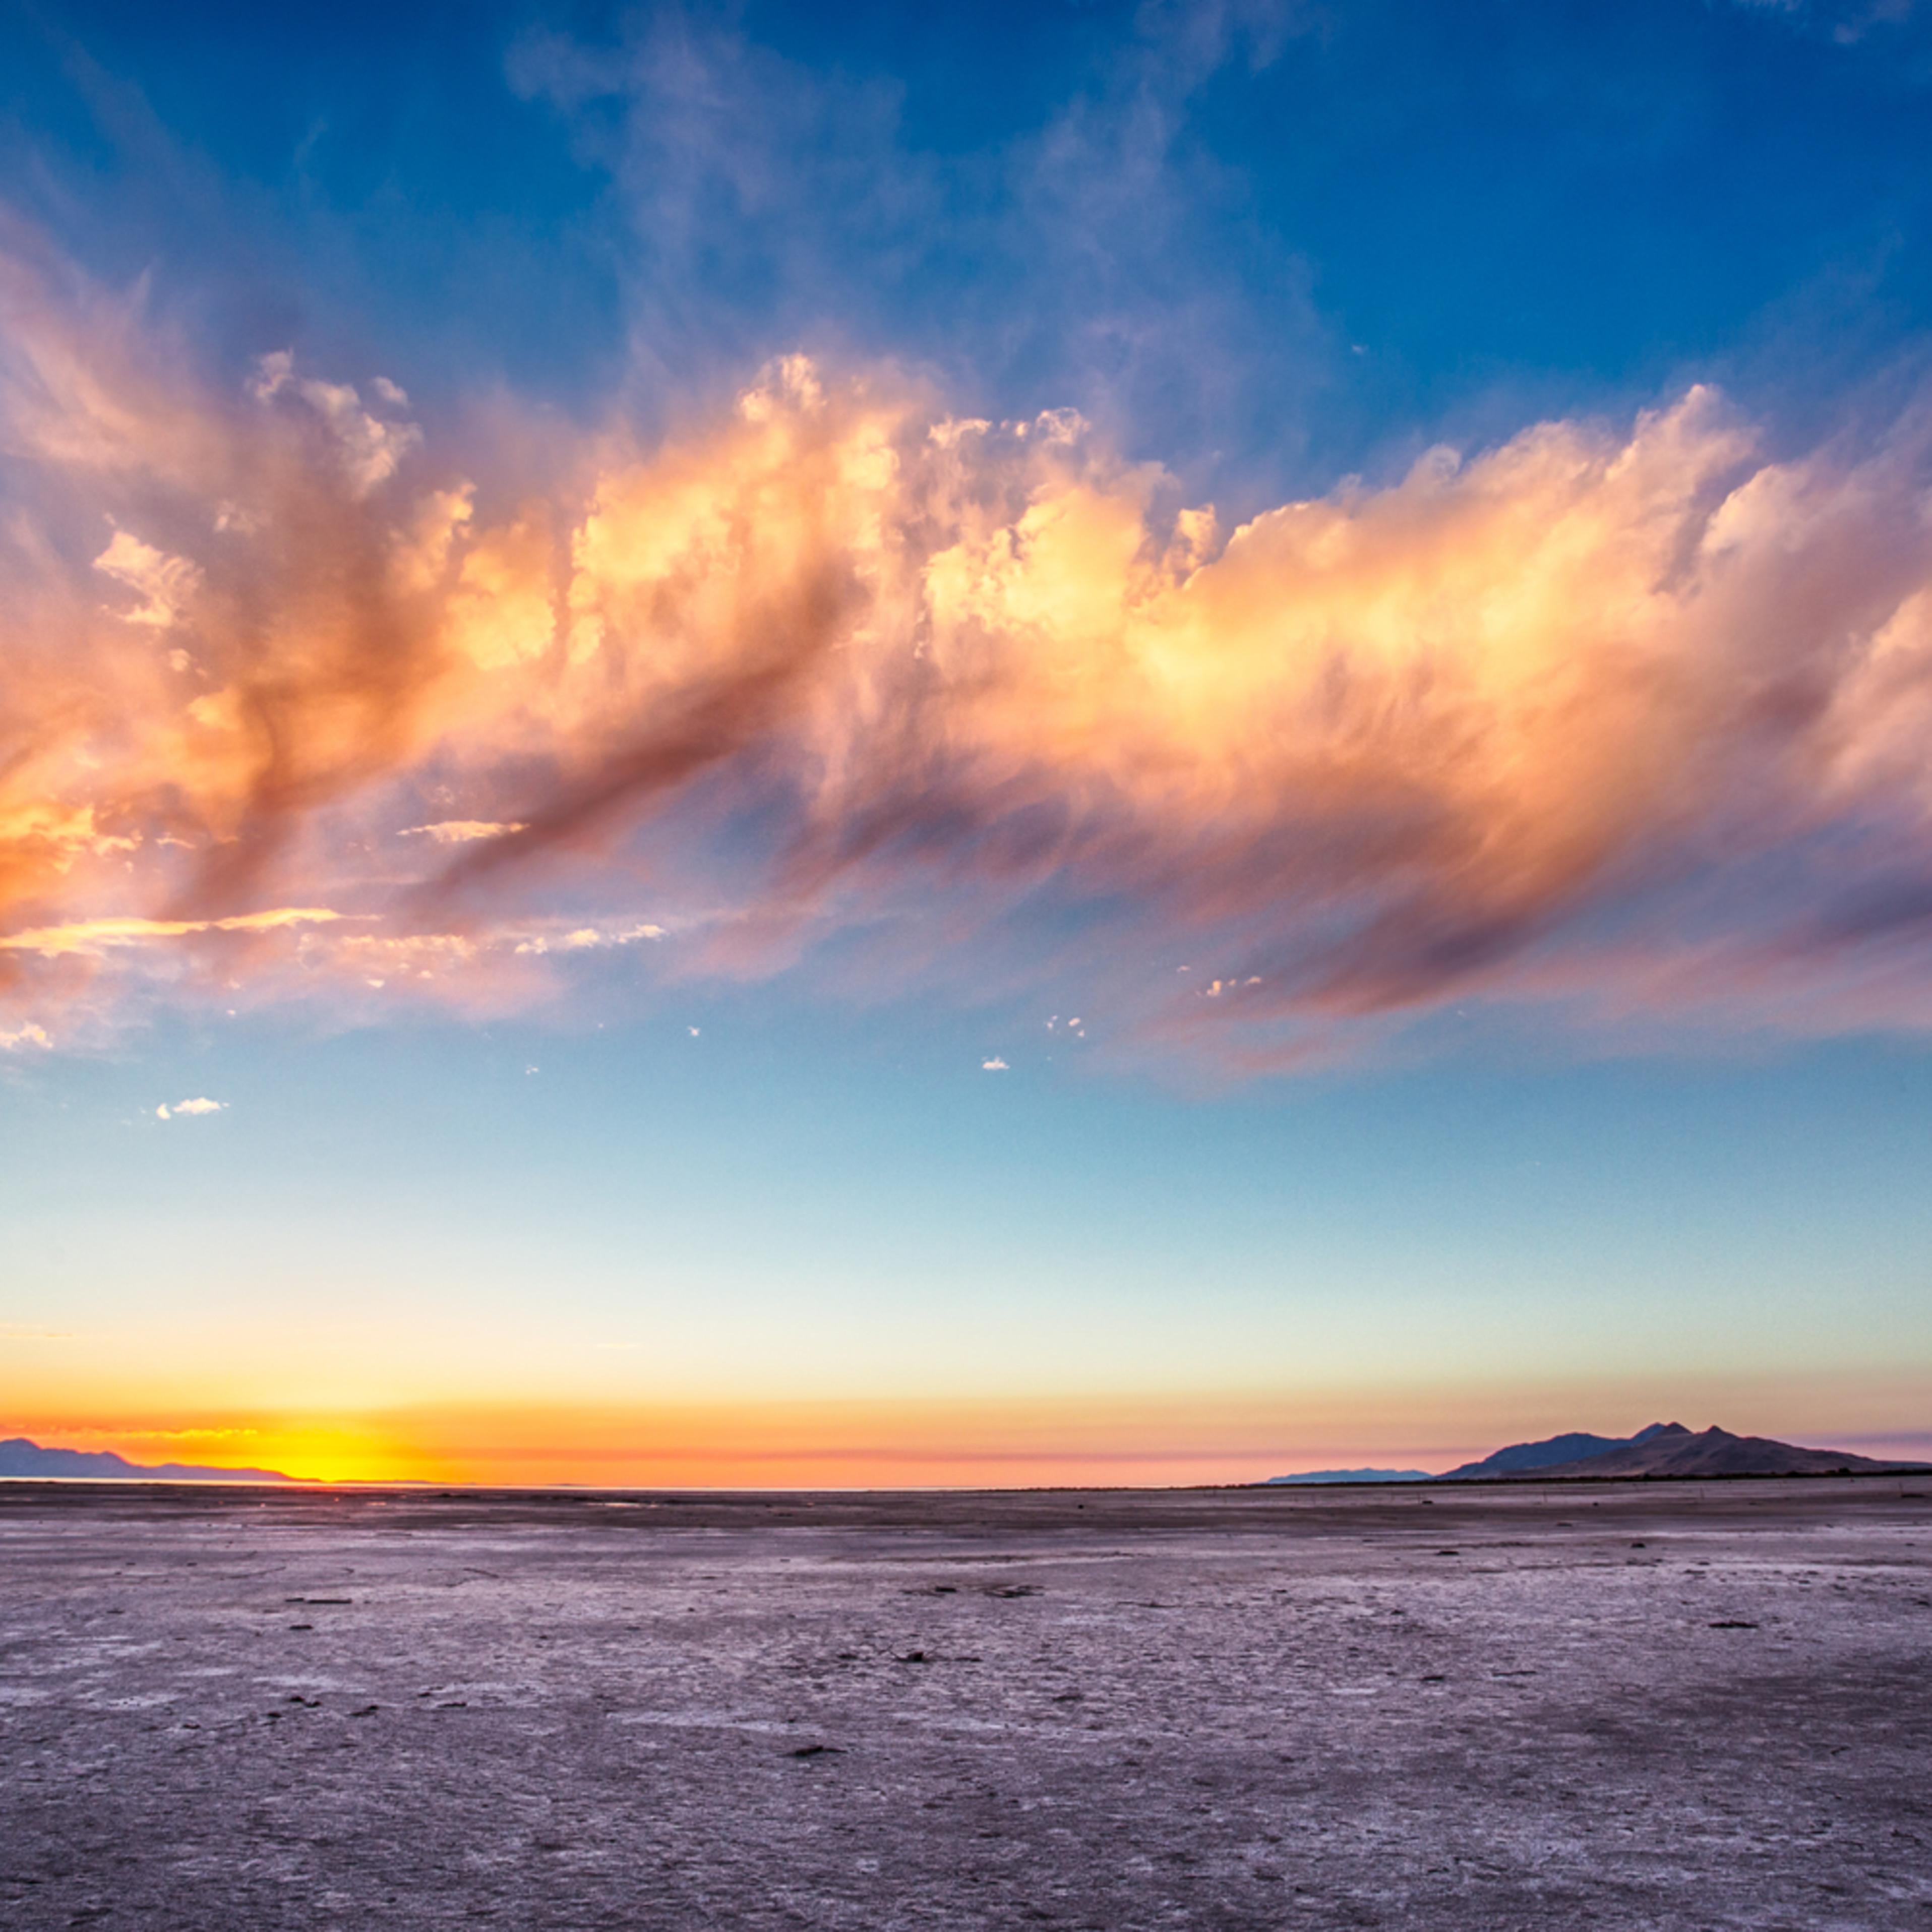 Salt flat sunset ii v7viyt